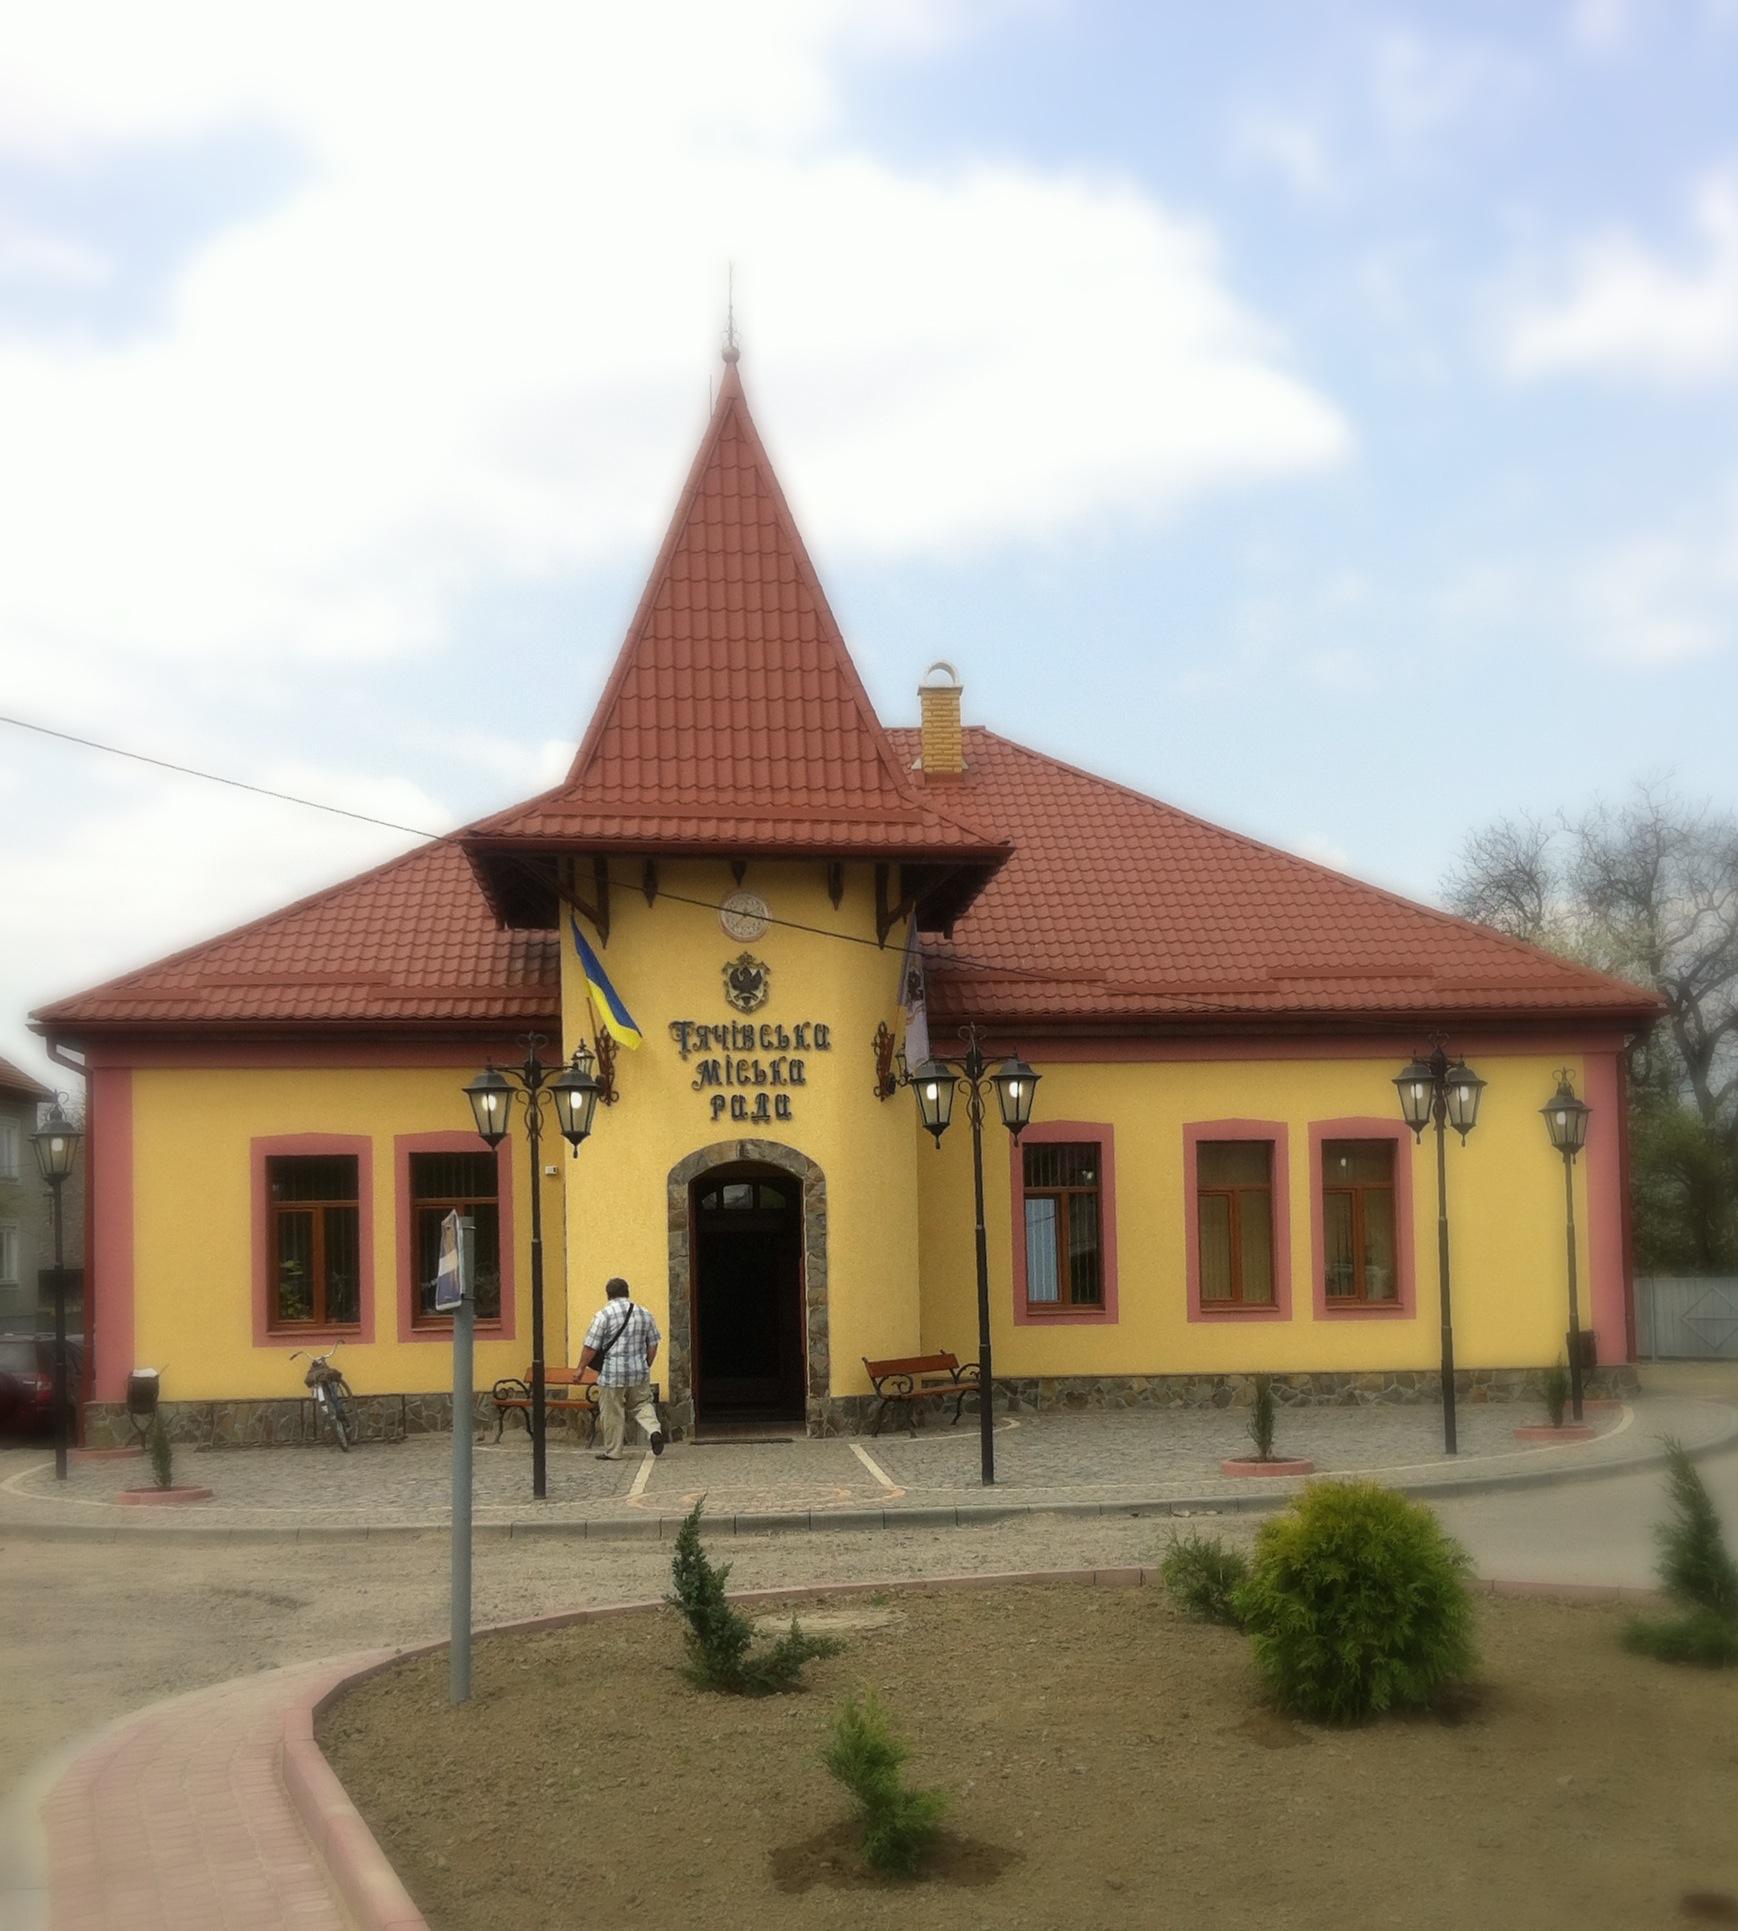 Сегодня, 3 ноября, на заседании Тячевской городской избирательной комиссии были объявлены официальные итоги выборов мэра города Тячево.